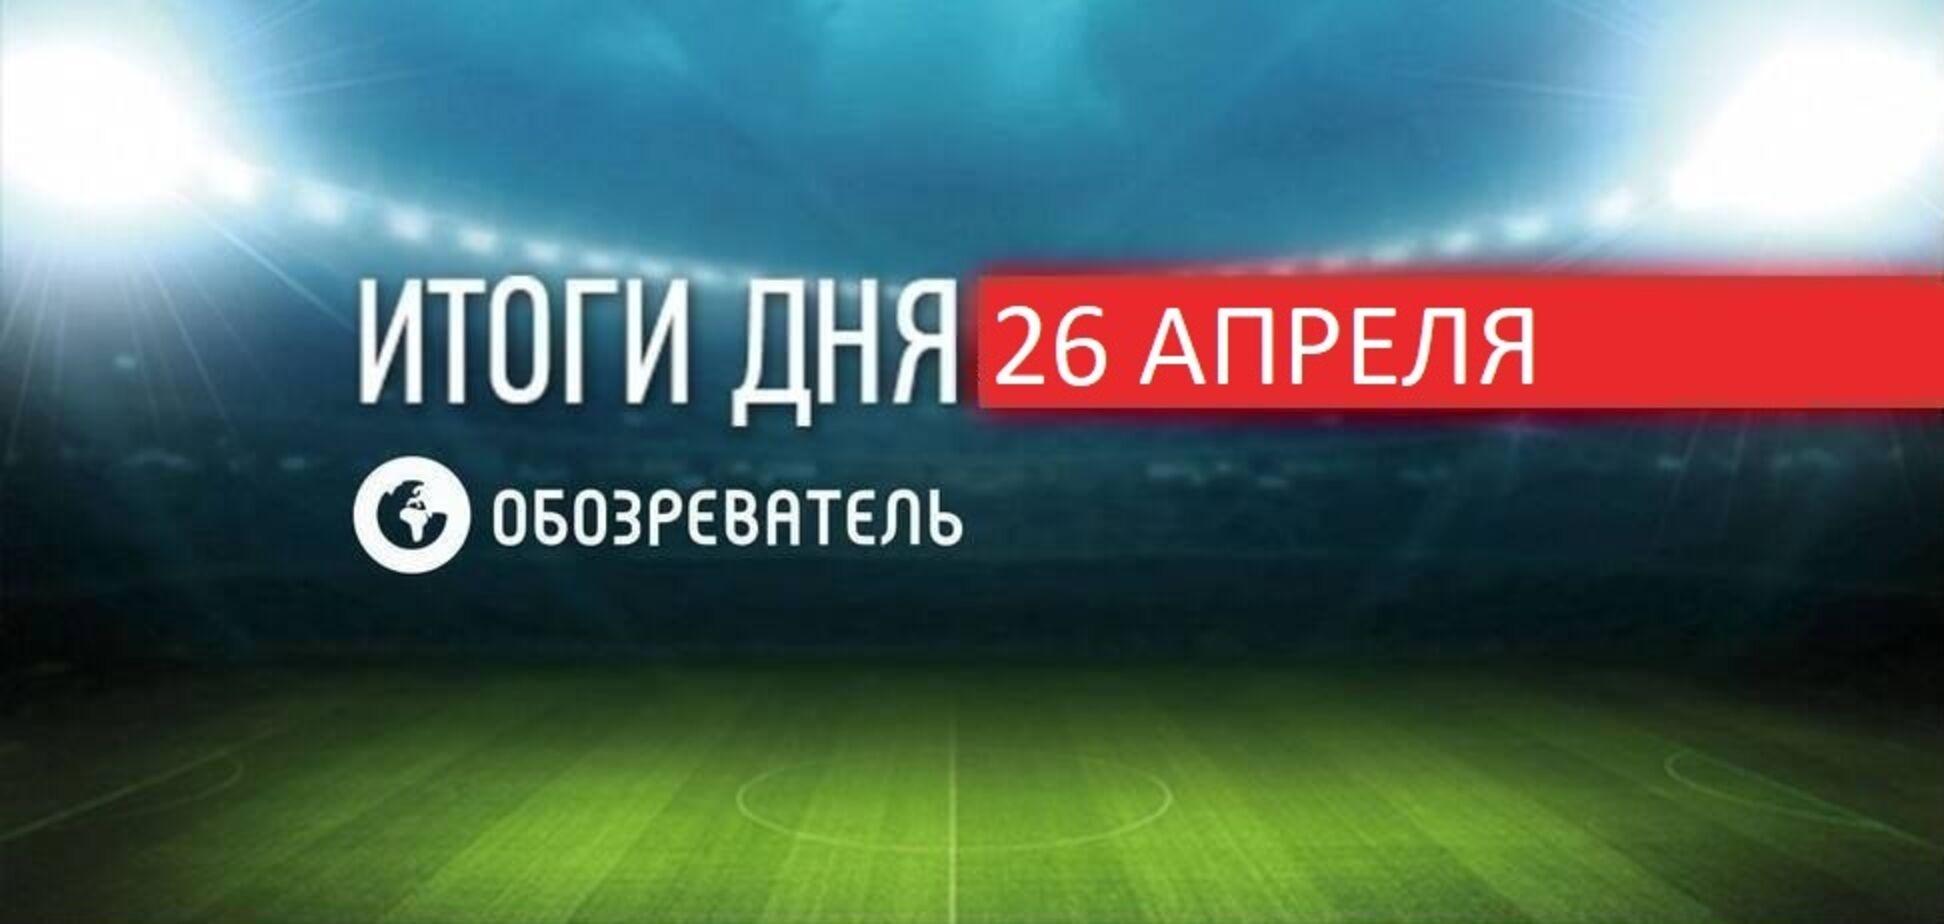 Новини спорту 26 квітня: Суркіс розповів про преміальні 'Динамо' та дзвінок Ахметова